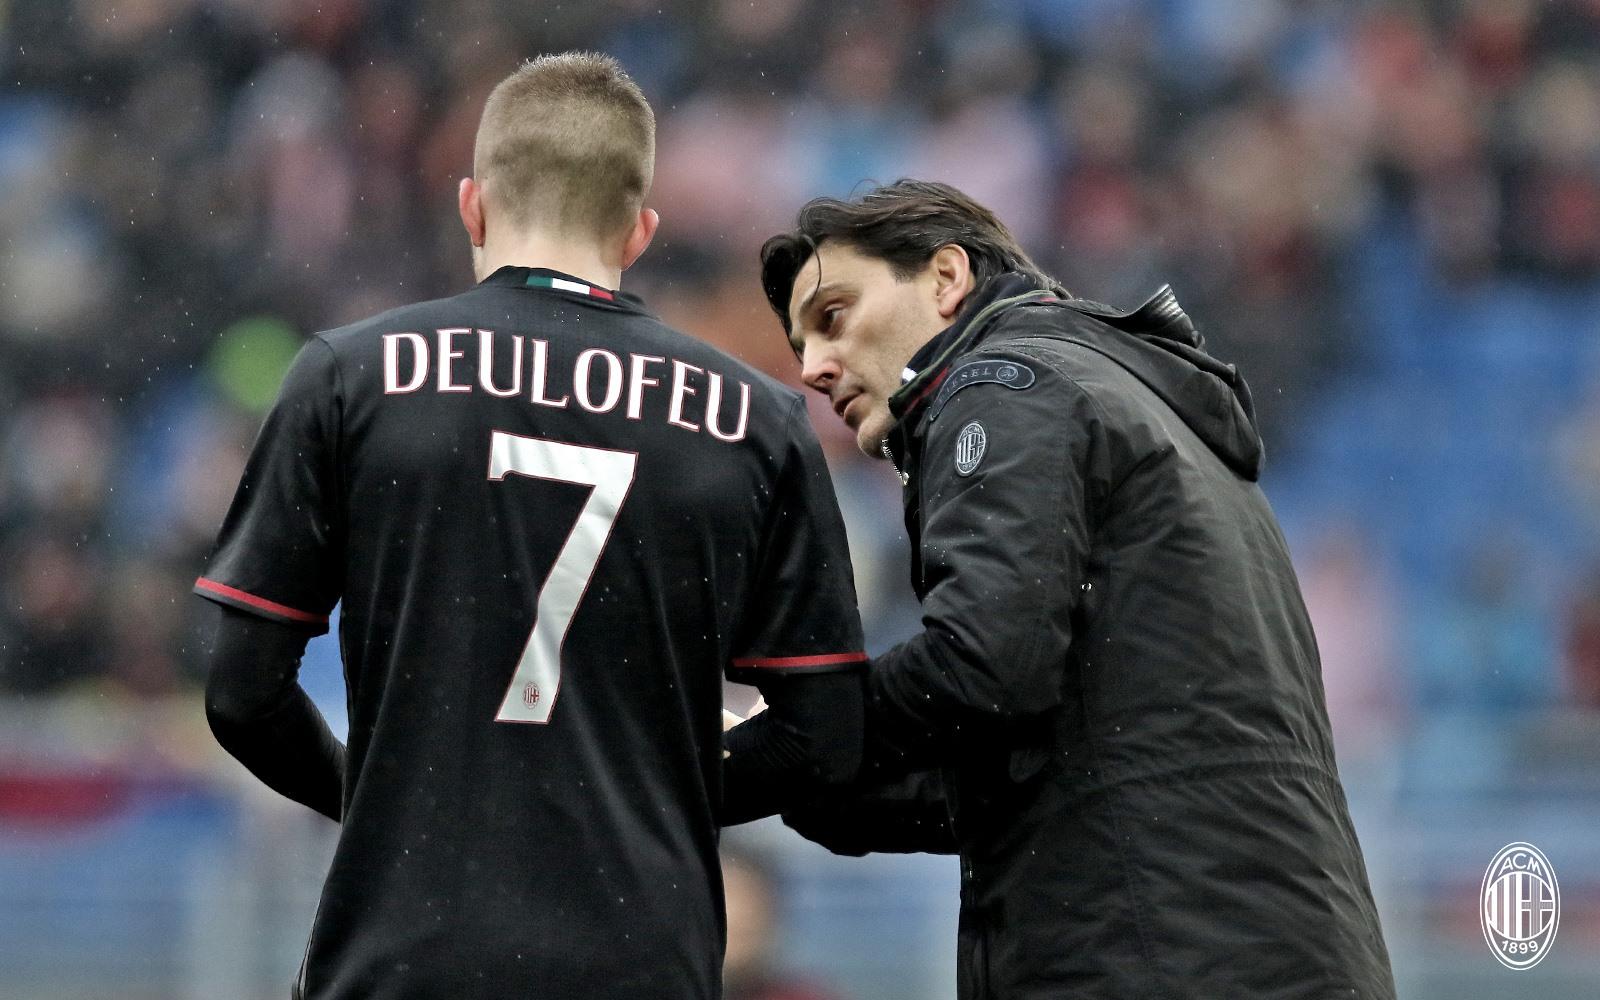 Deulofeu e Montella durante Milan-Sampdoria. Fonte foto: A.C. Milan